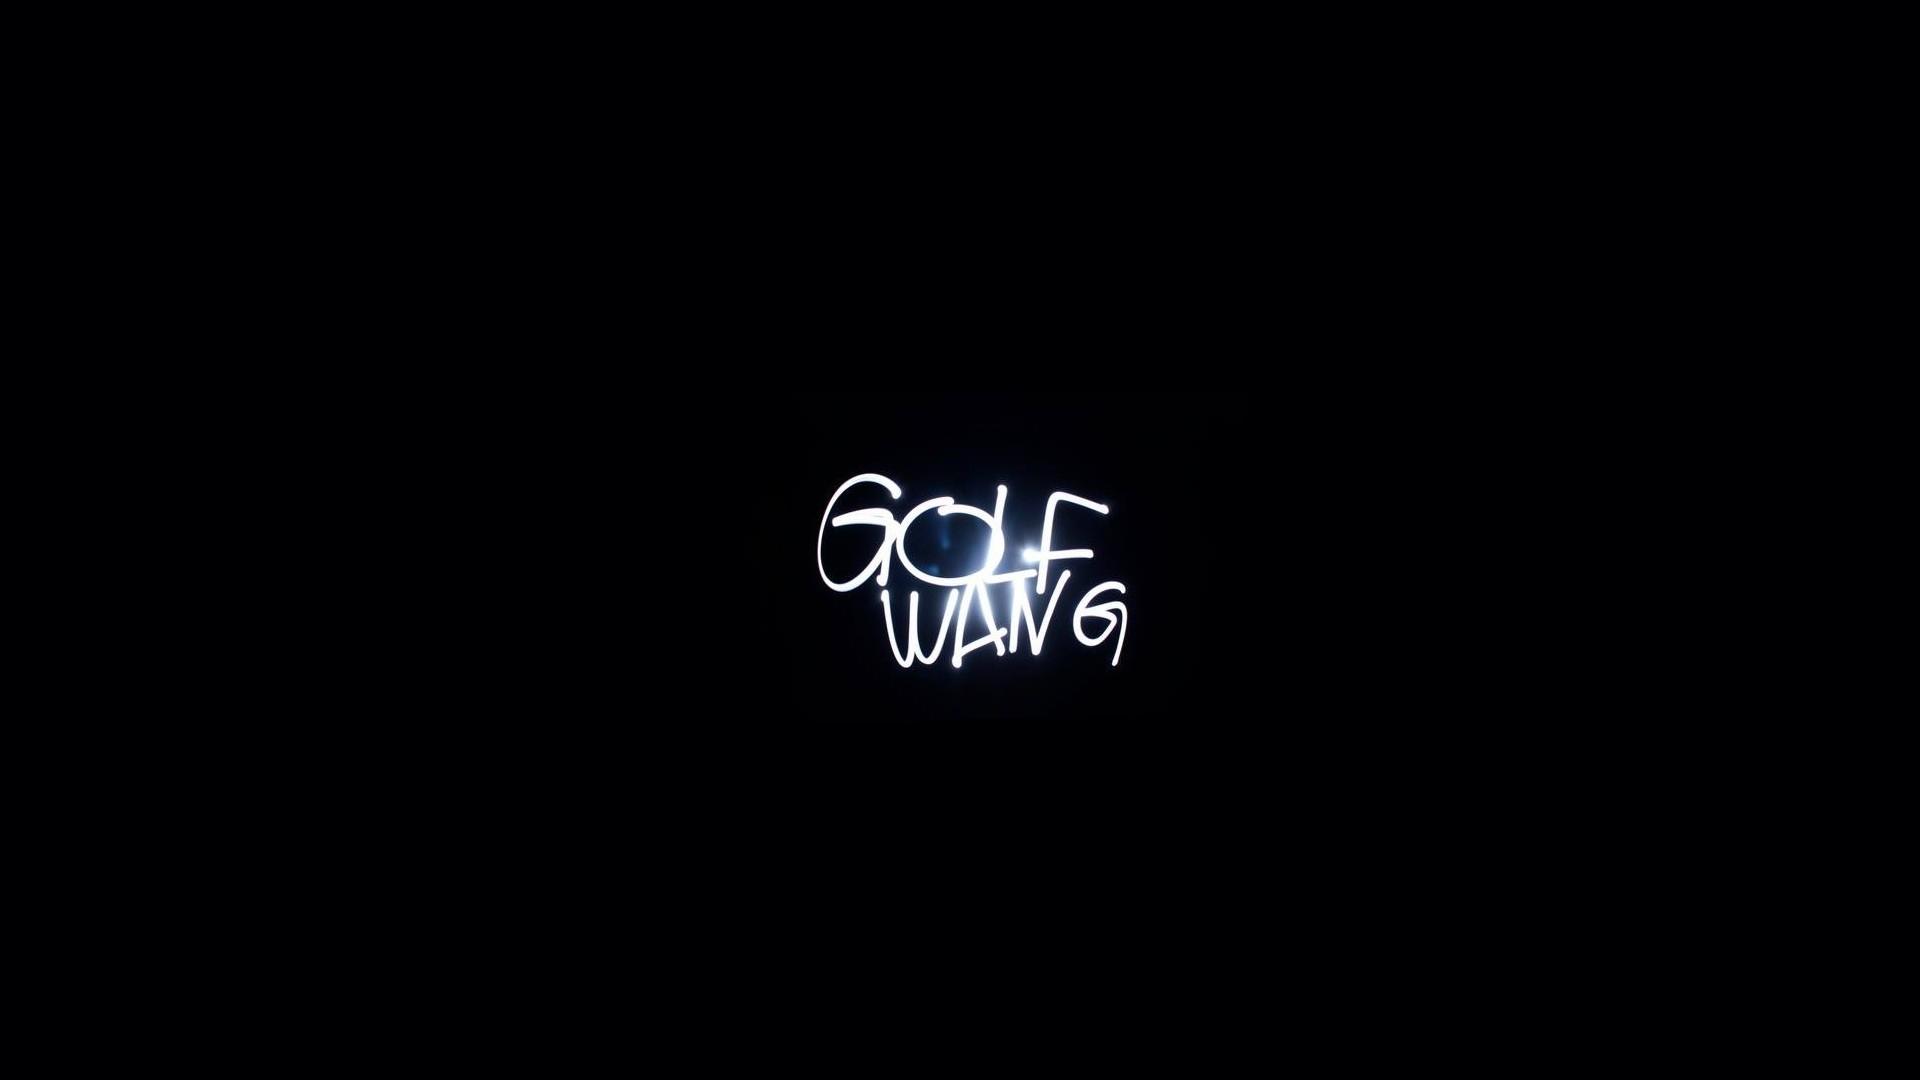 golf wang wallpaper …